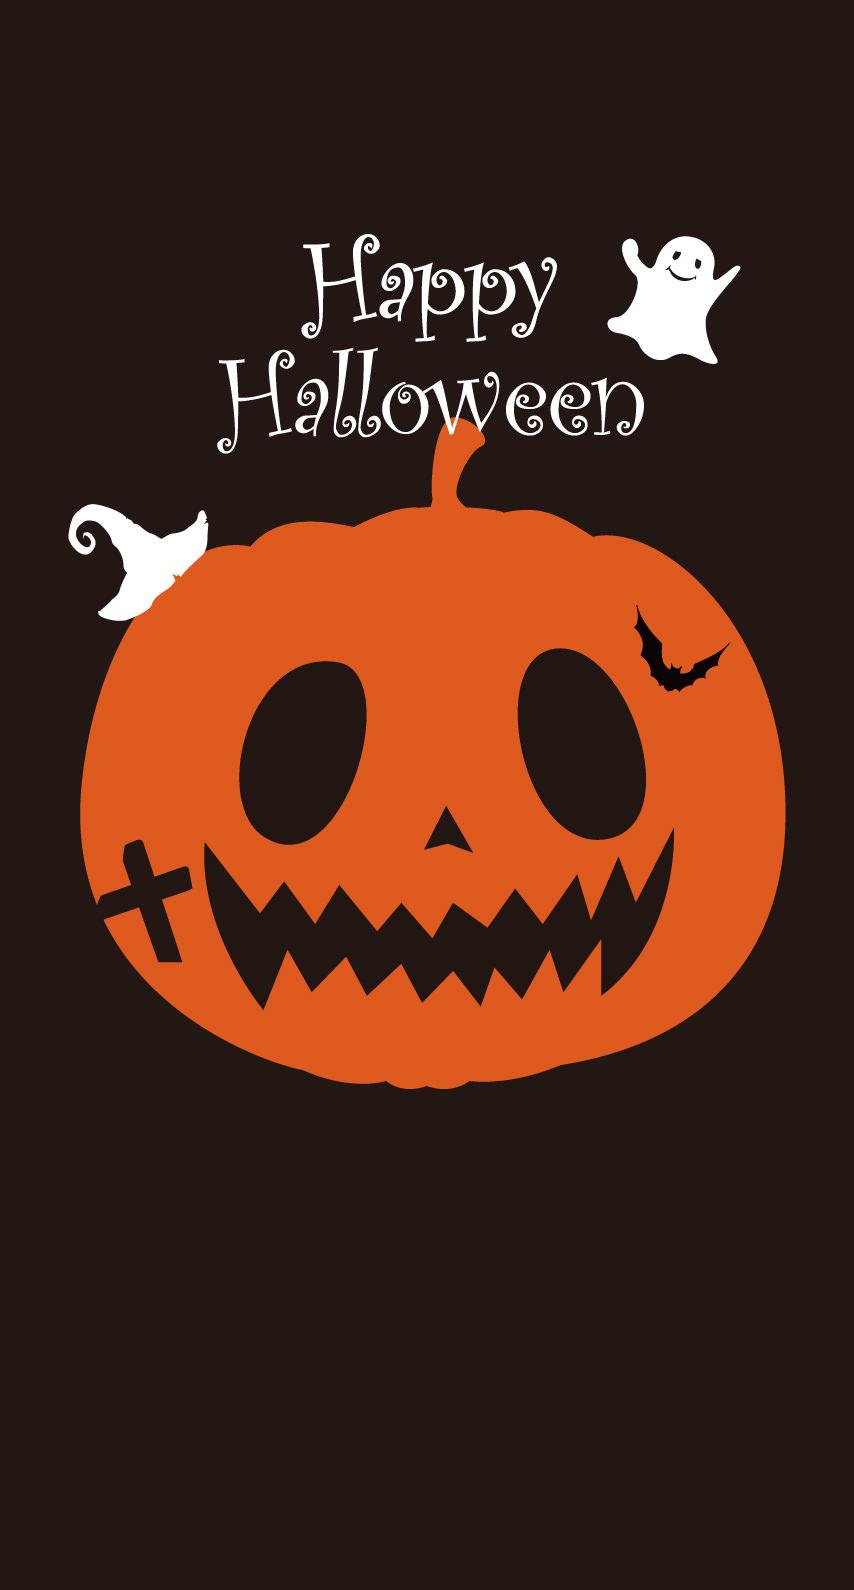 イラストハロウィンかぼちゃ橙 Wallpaper Sc Iphone8壁紙